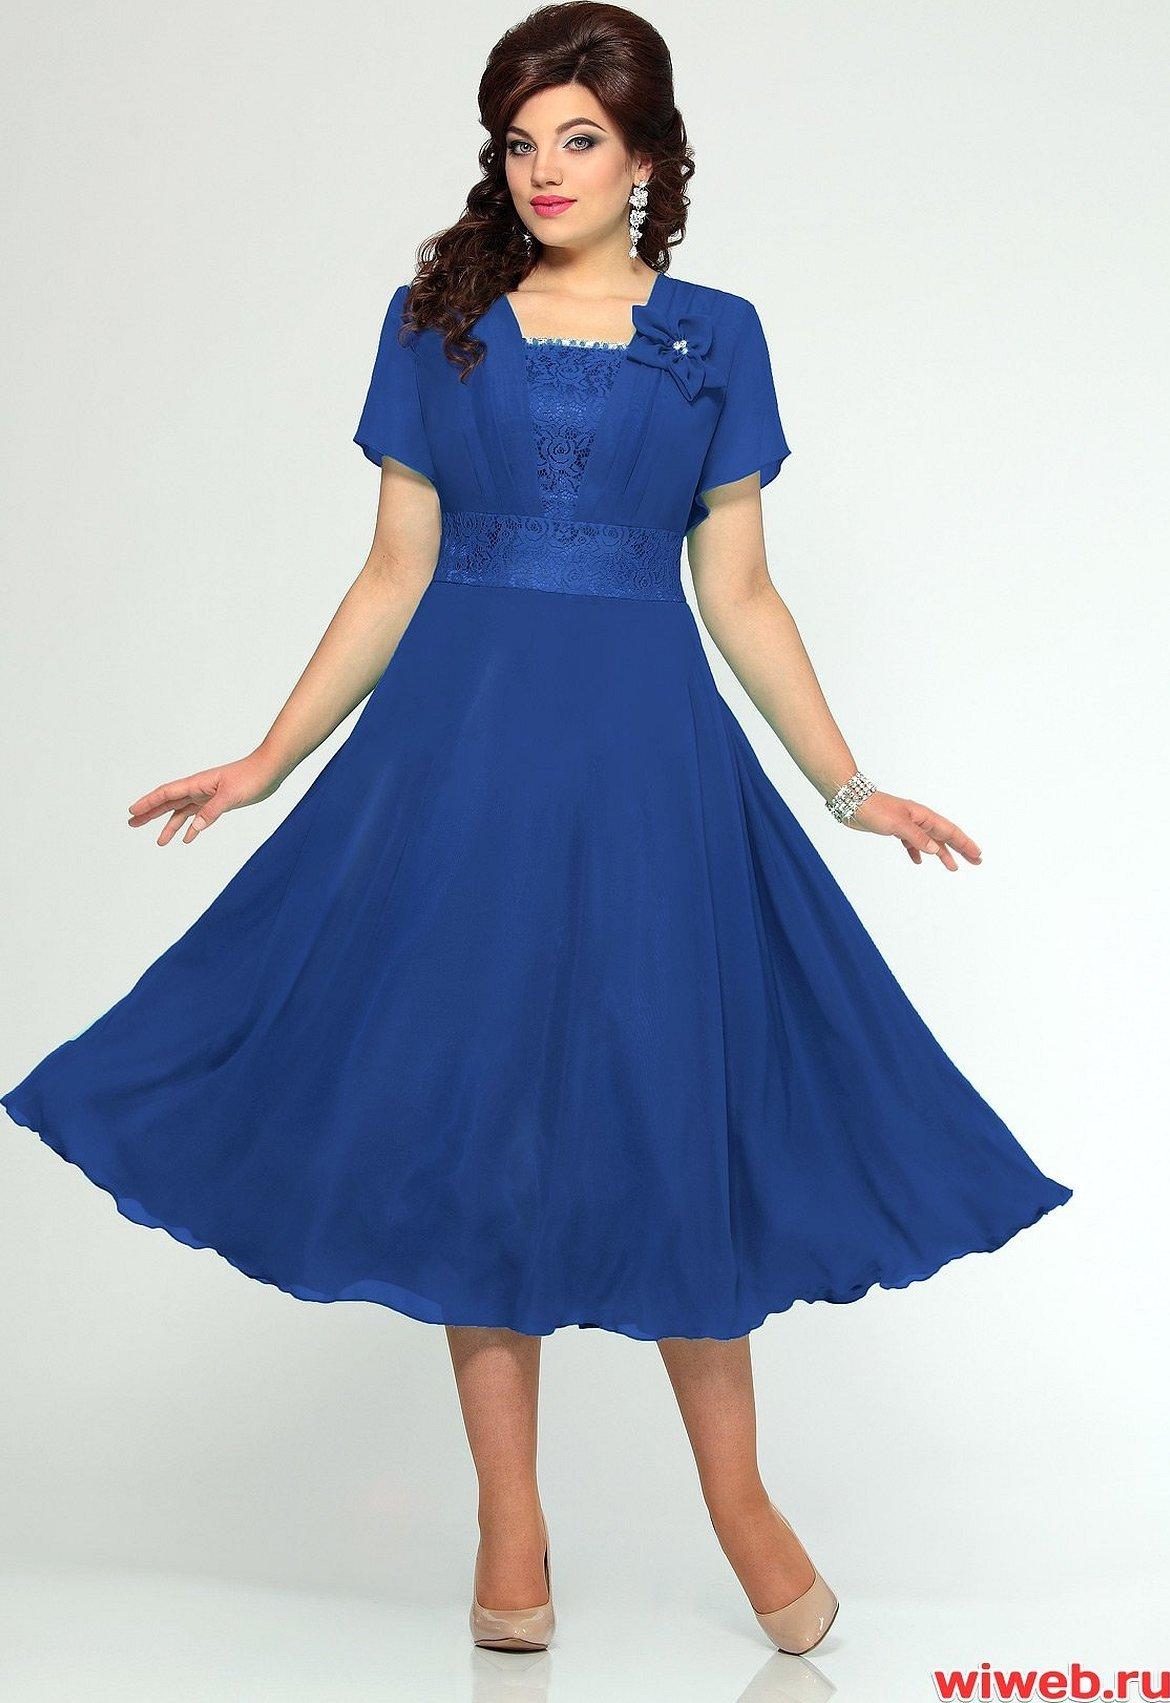 Нарядные платья mira fashion синее